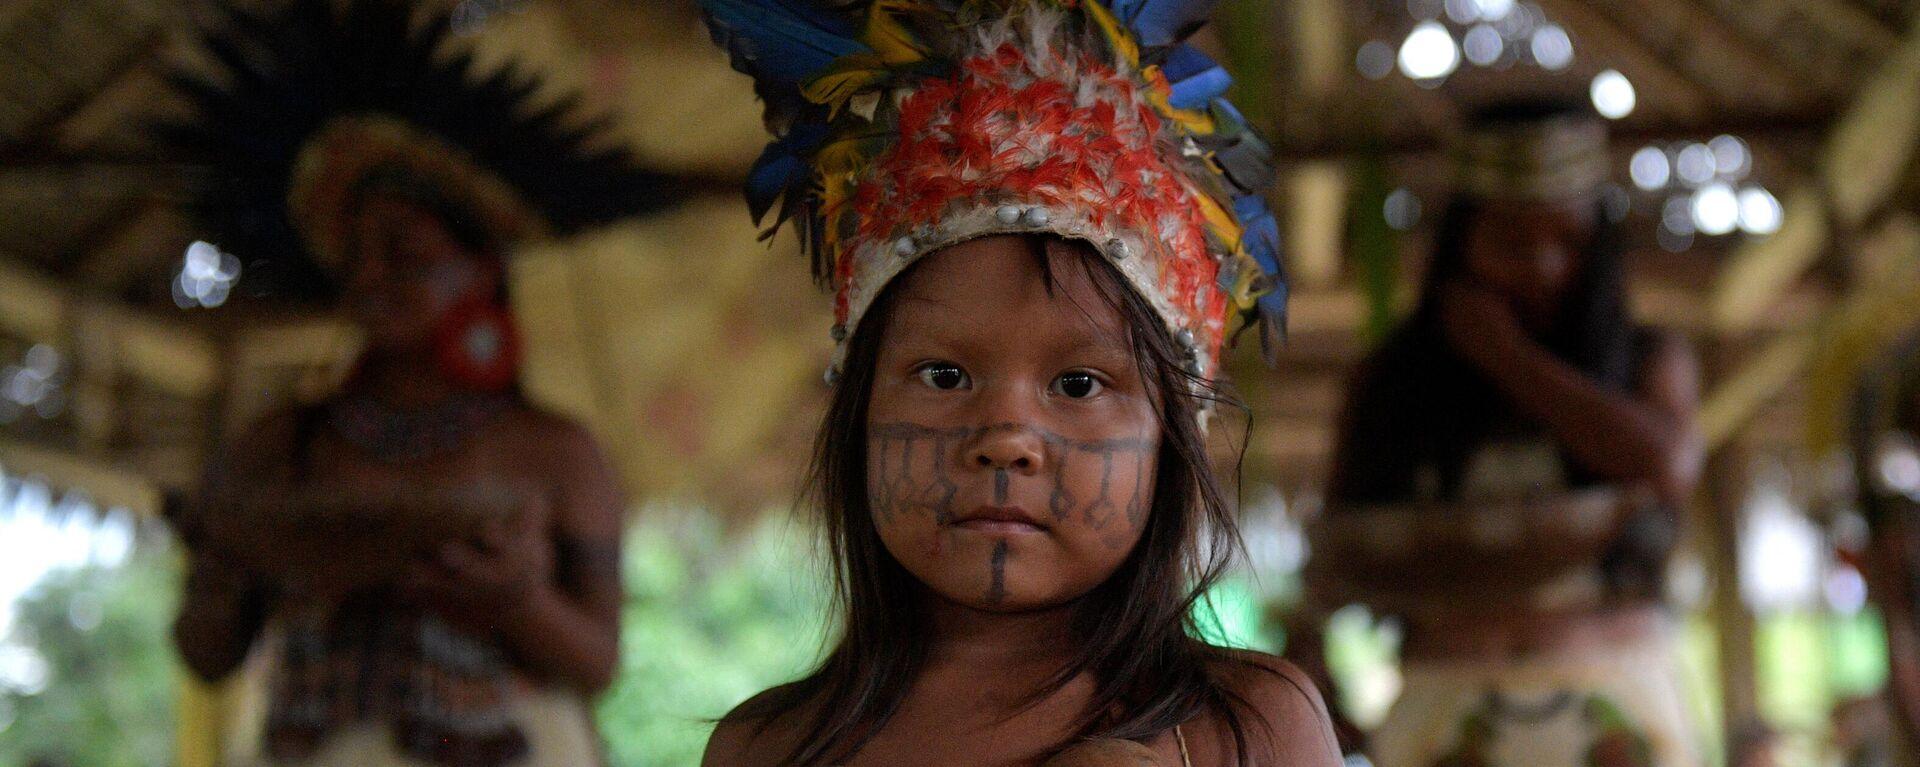 Niña de la comunidad Santa Sofia Uchuma, en la Amazonia colombiana - Sputnik Mundo, 1920, 17.06.2021